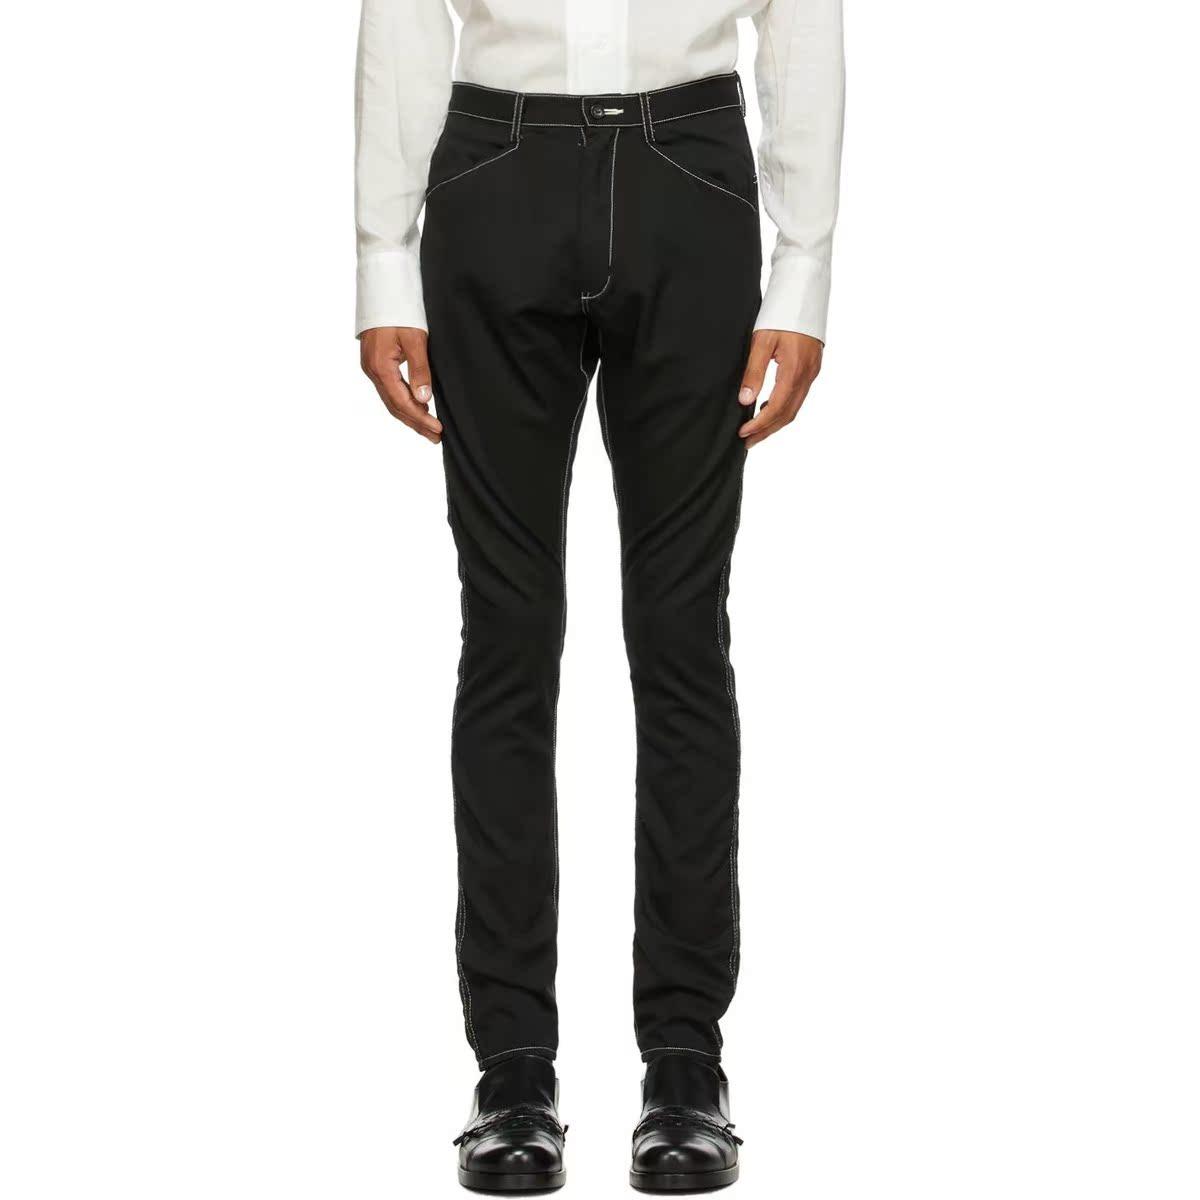 代购sulvam 黑色 Chain Stitch Slim 羊毛长裤男2021新款奢侈品